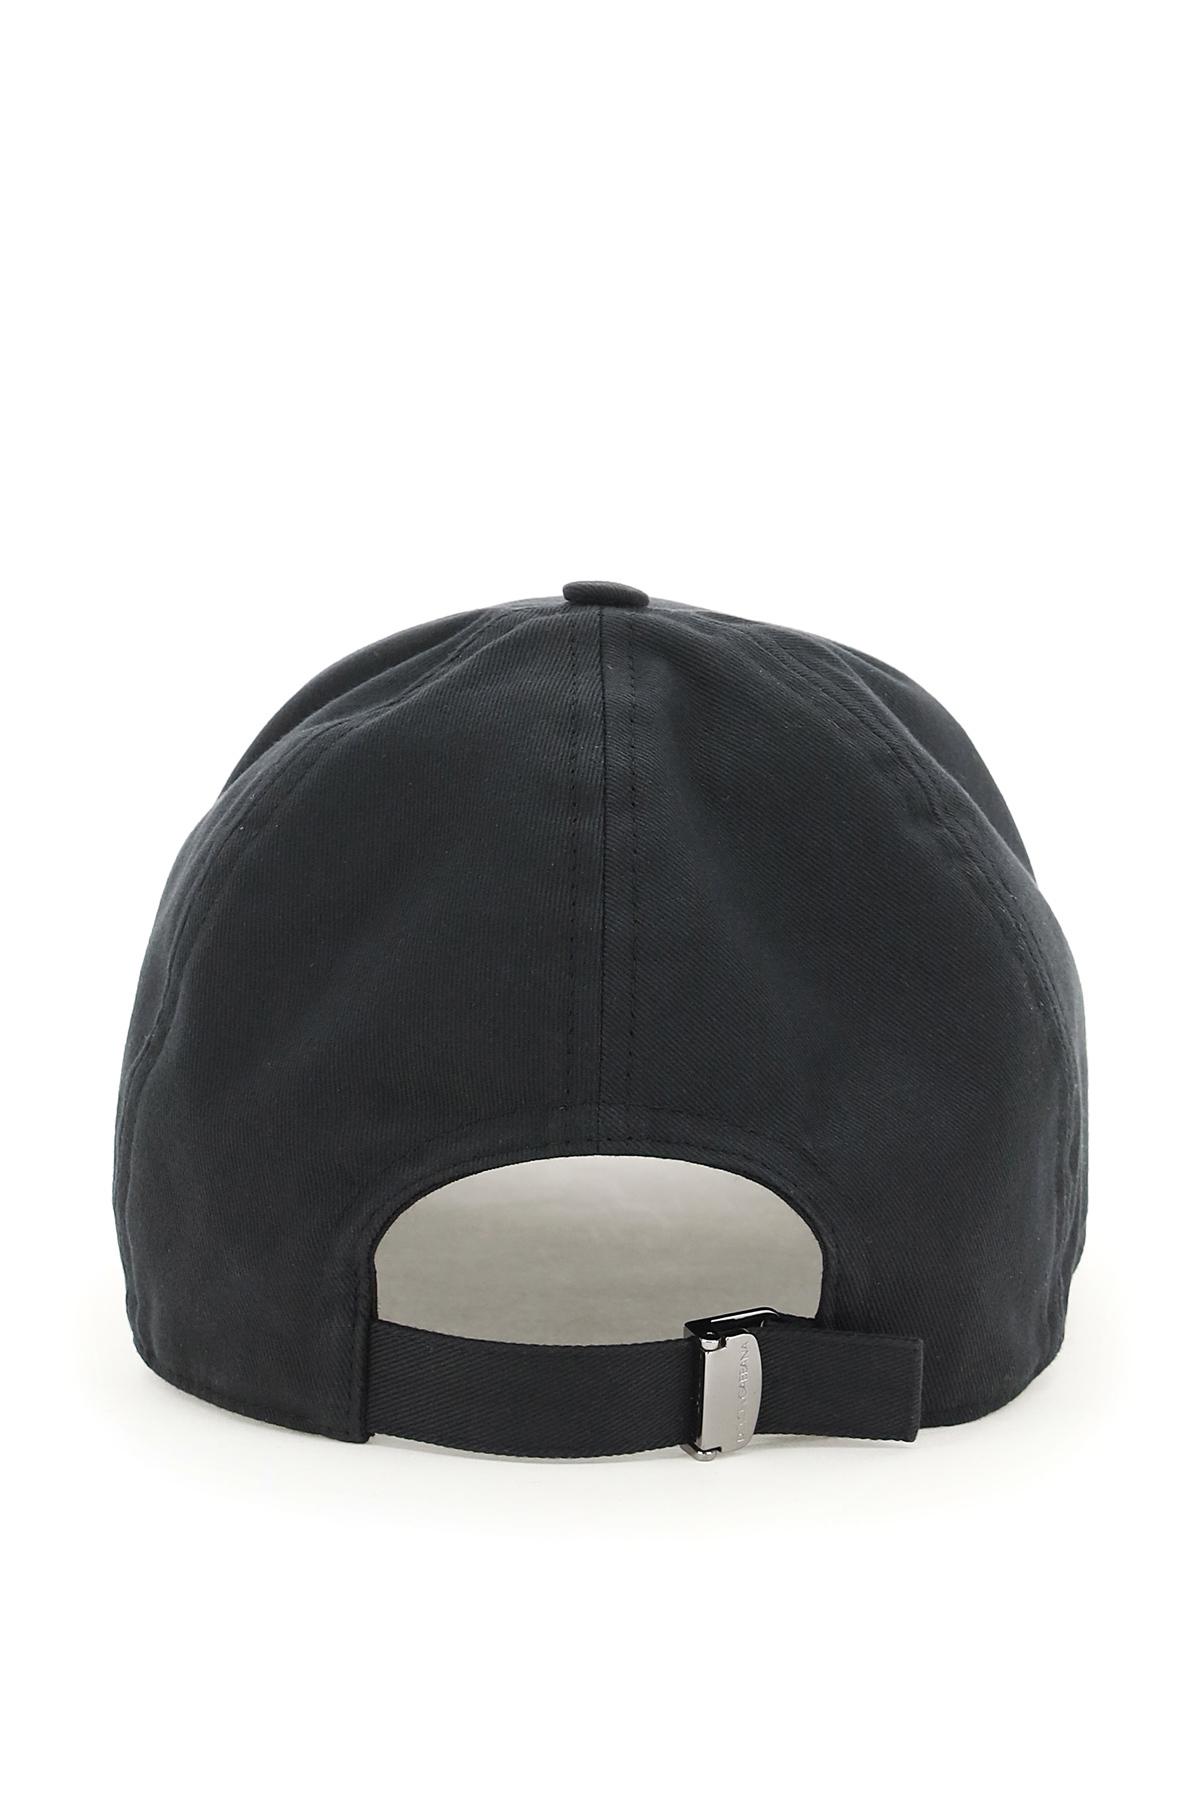 Dolce & gabbana cappello da baseball